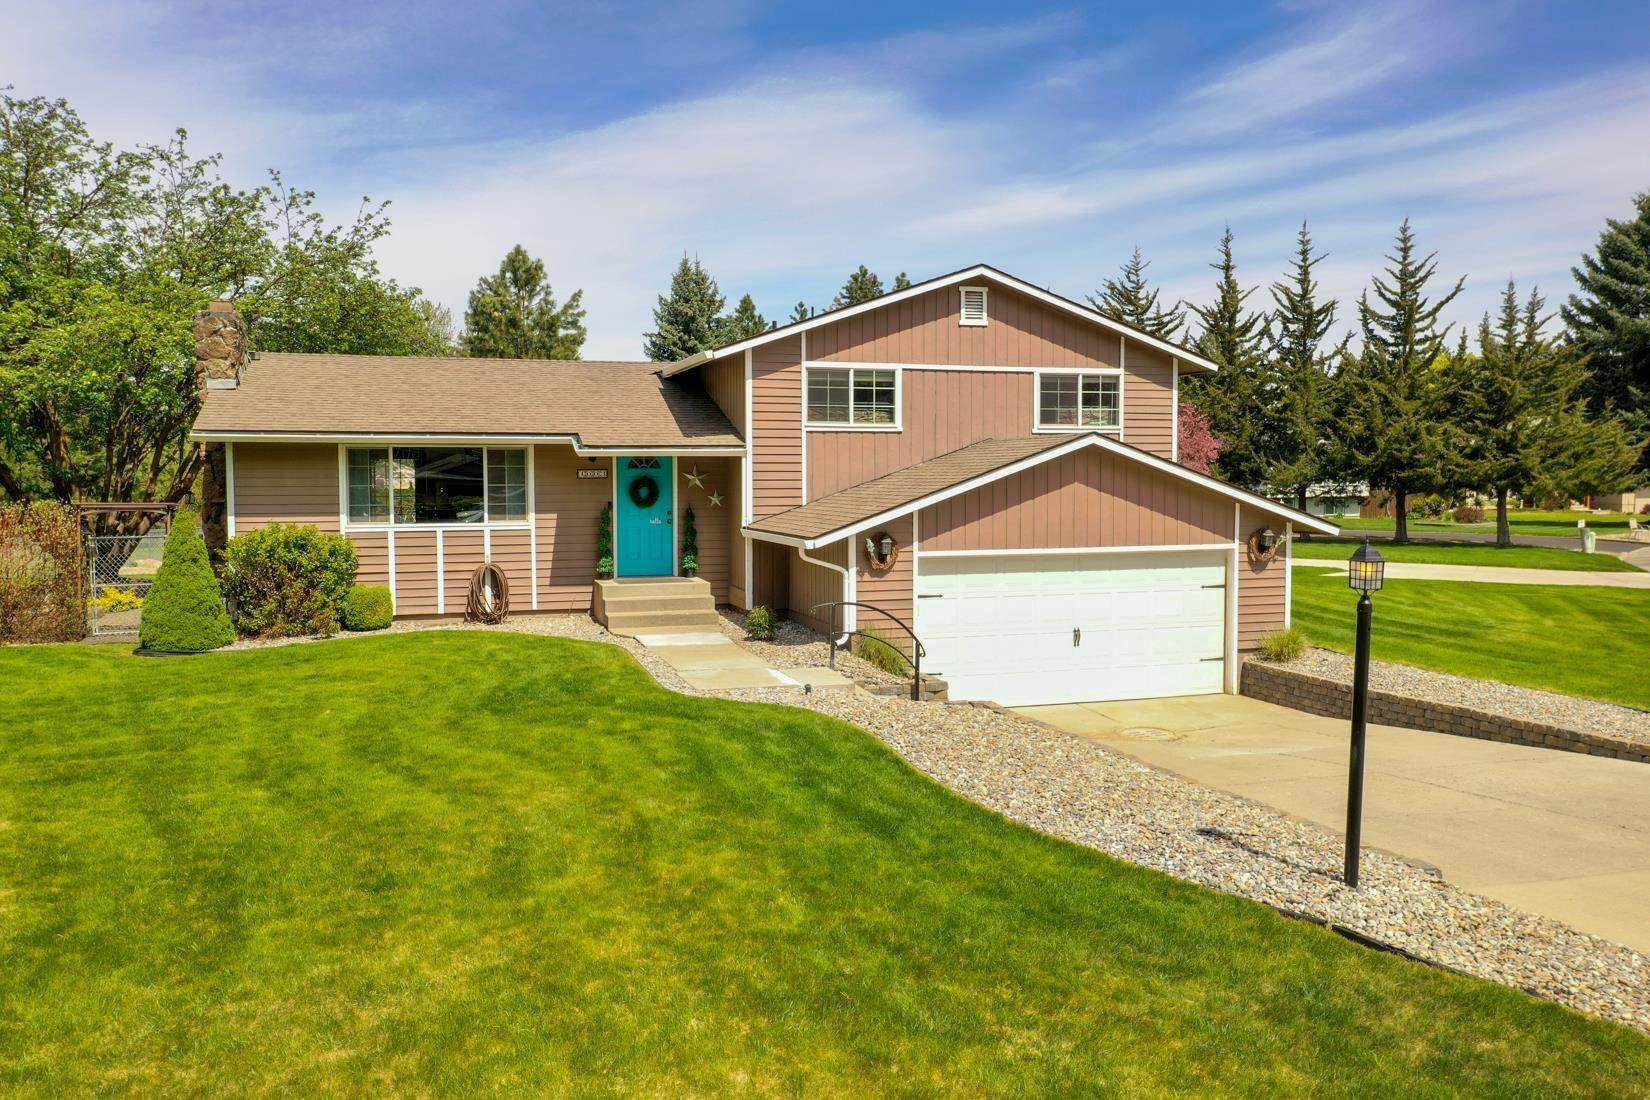 4003 S Forest Meadow Dr, Spokane Valley, WA 99206-9683 - #: 202115105